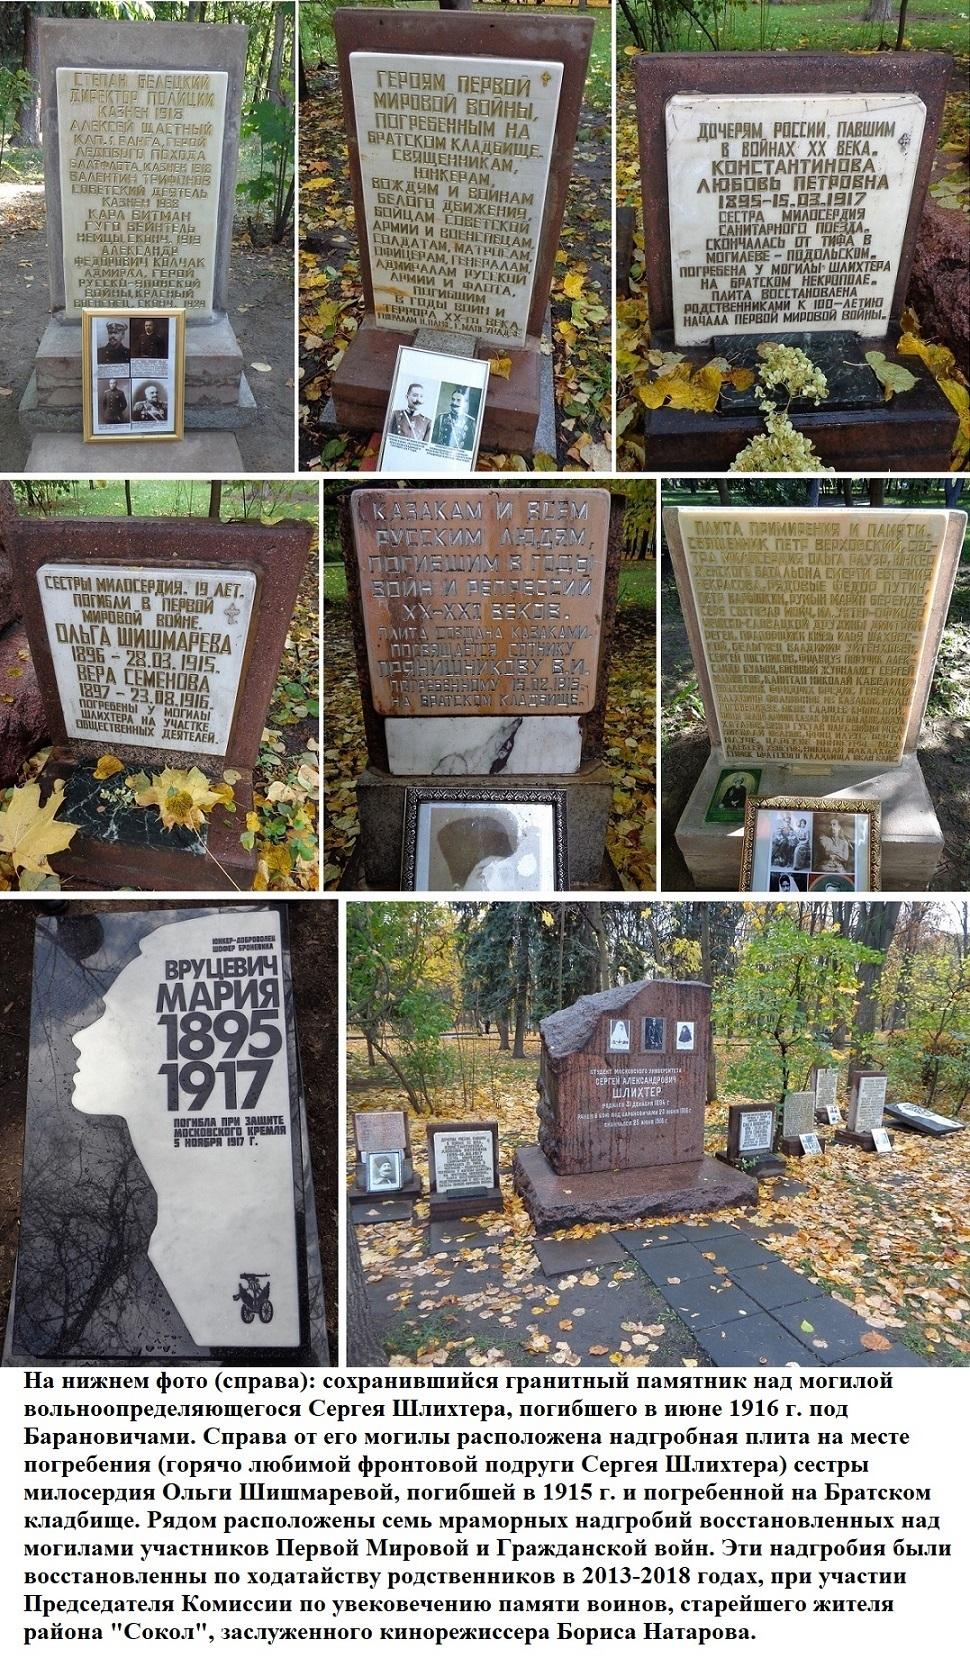 """В """"день города"""" на Братском кладбище провели мероприятие в память жертв """"Красного террора"""" и массовых репрессий. H-559"""